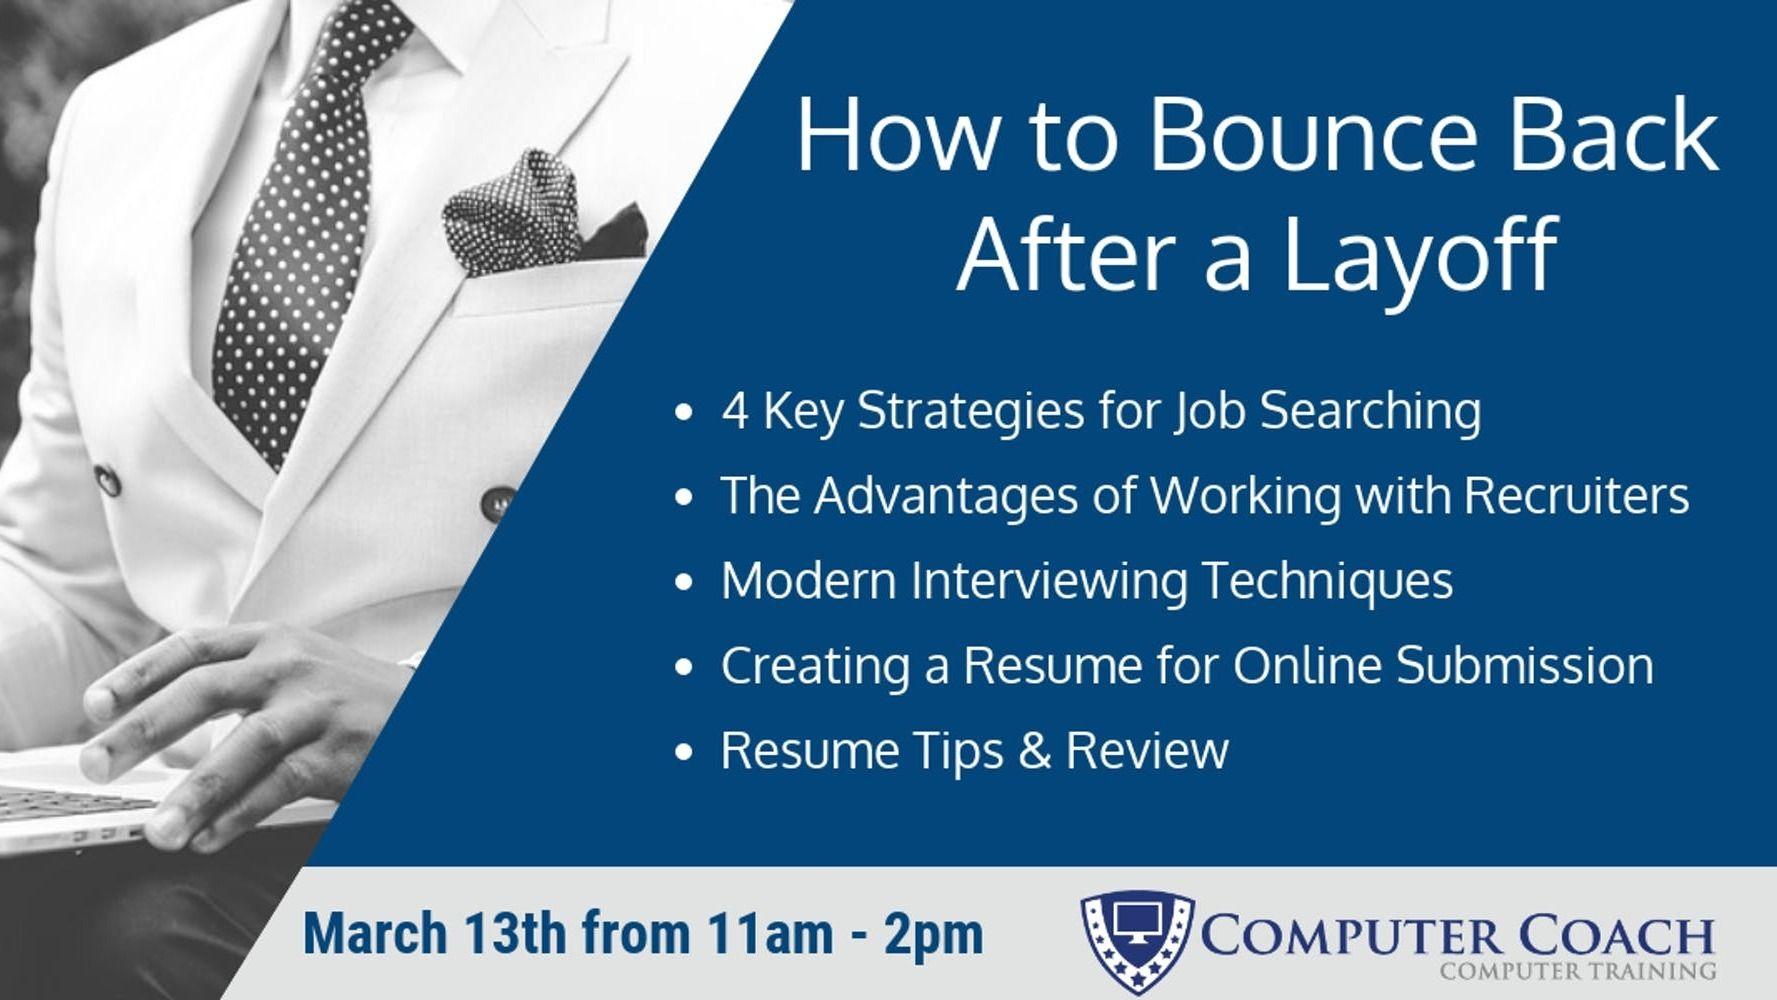 Tampa Bay Tech Career Advice Forum (Tampa, FL